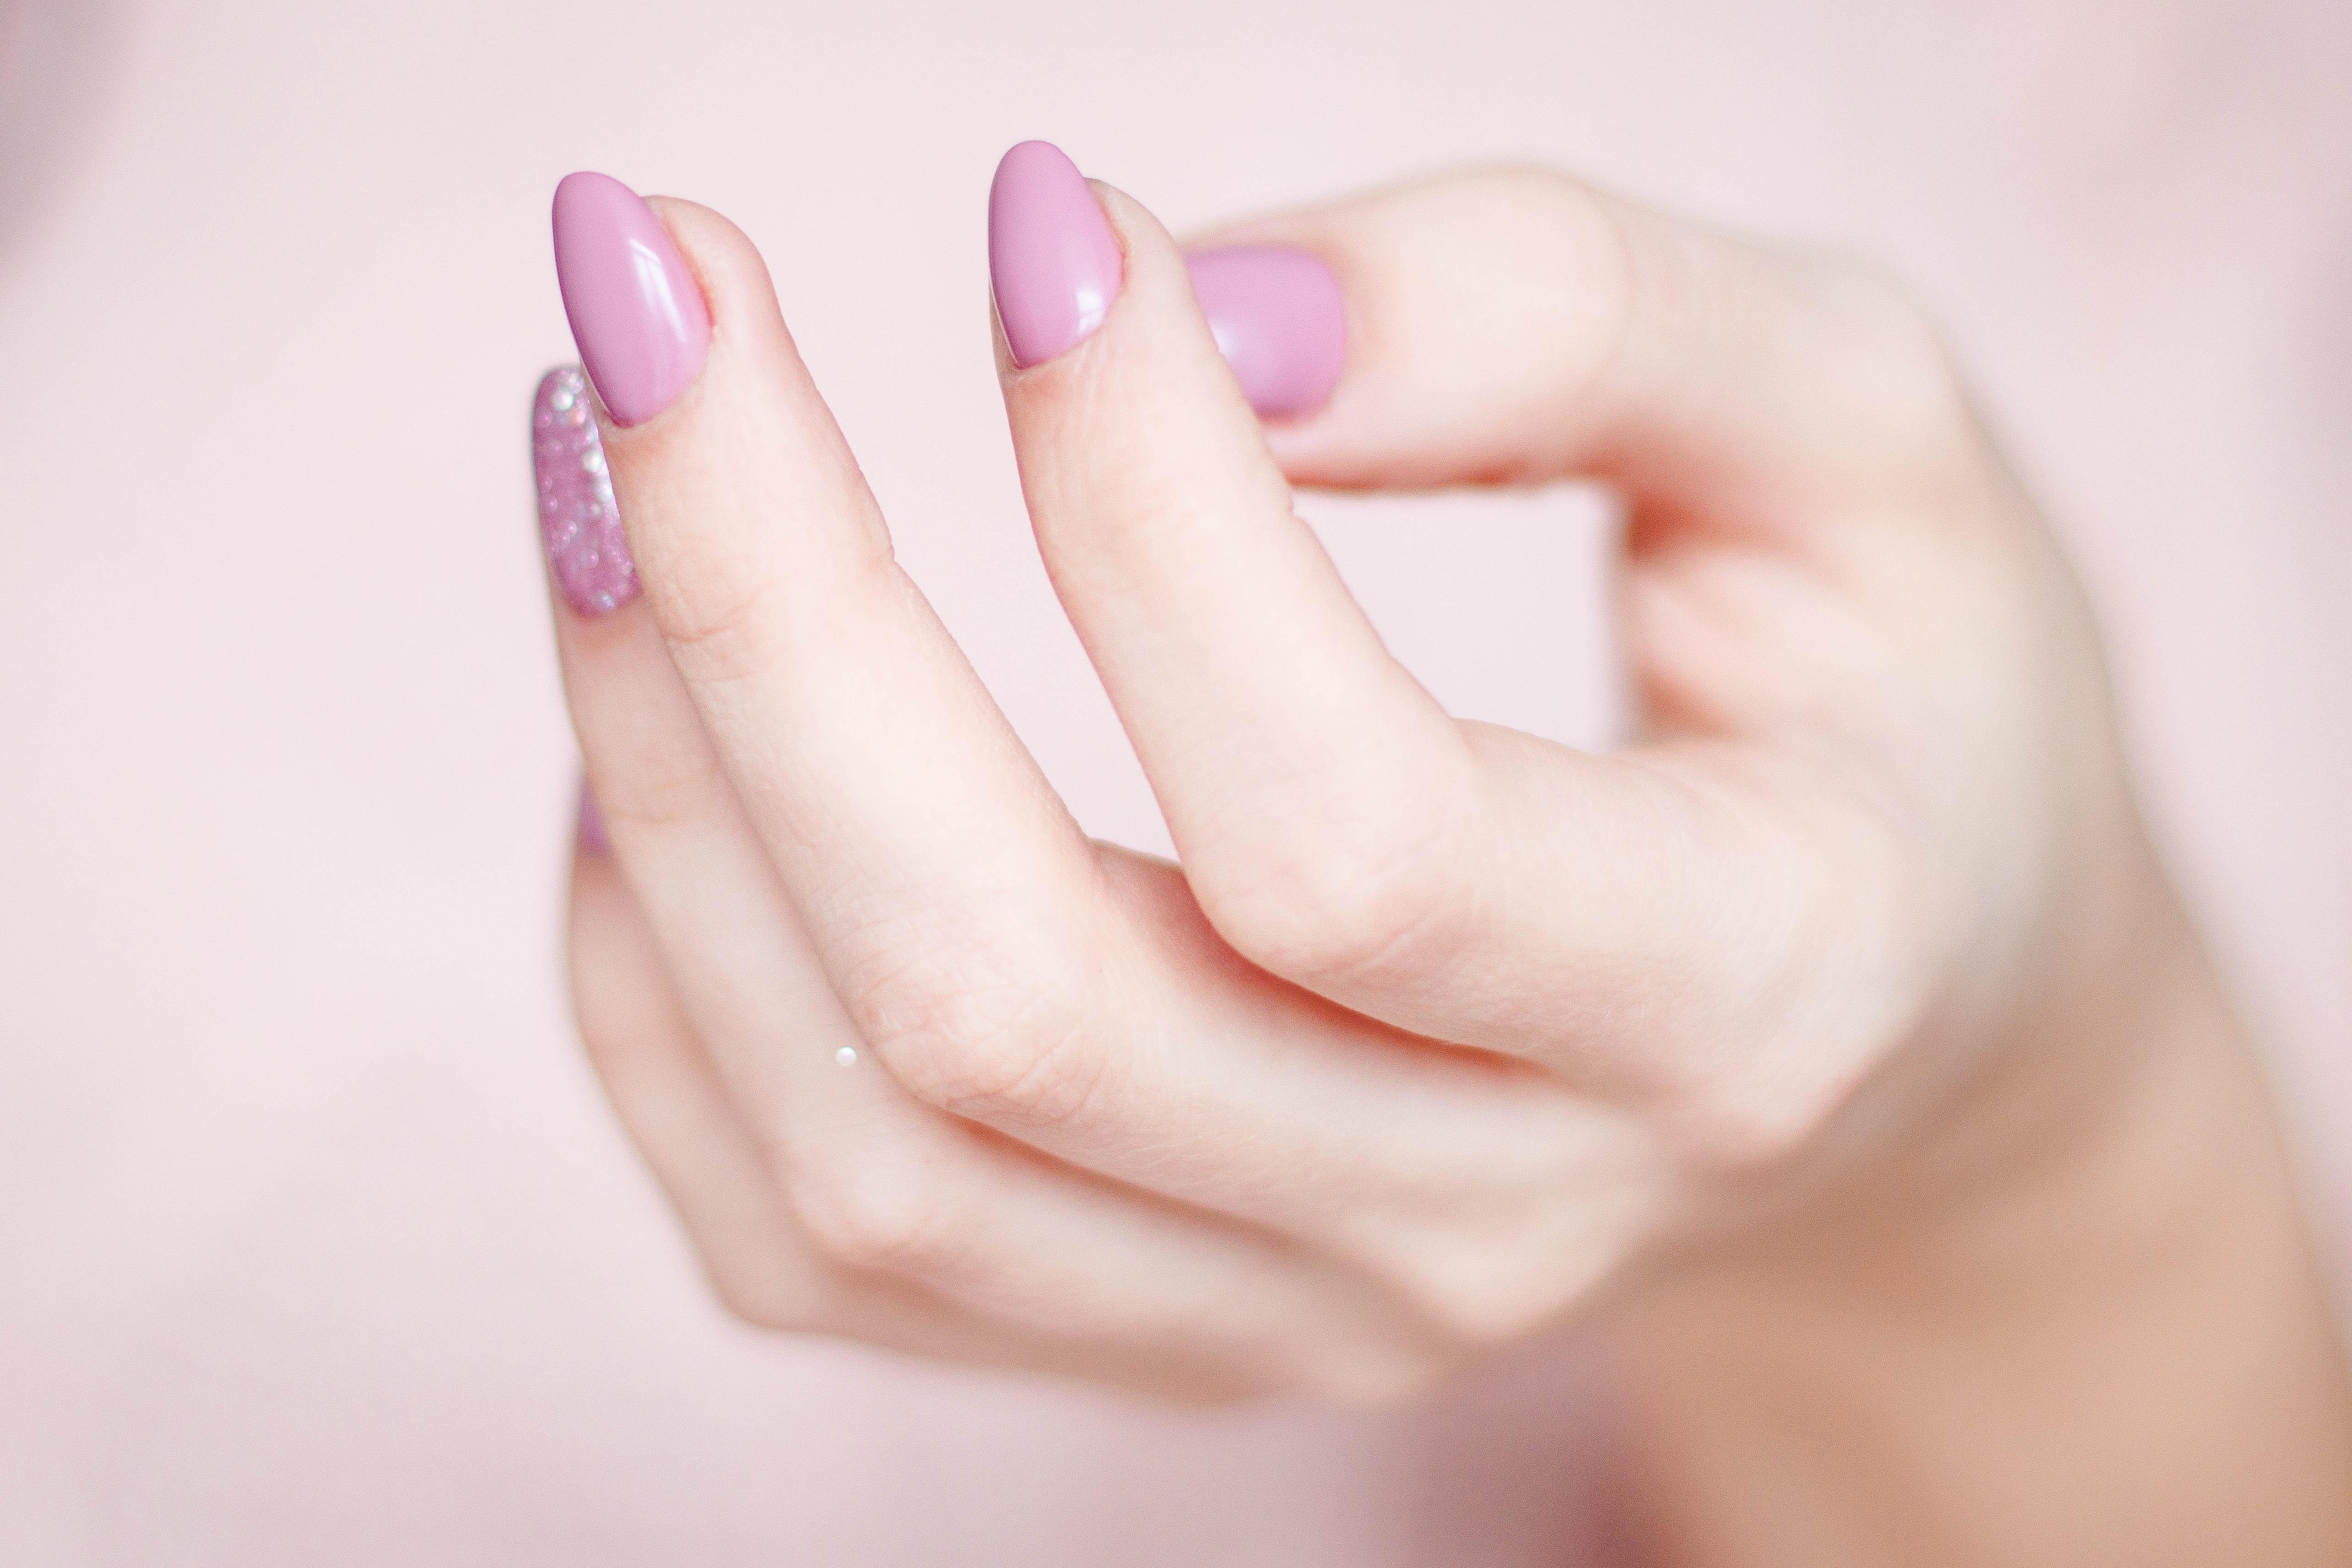 100+ Beautiful Nail Polish Photos · Pexels · Free Stock Photos